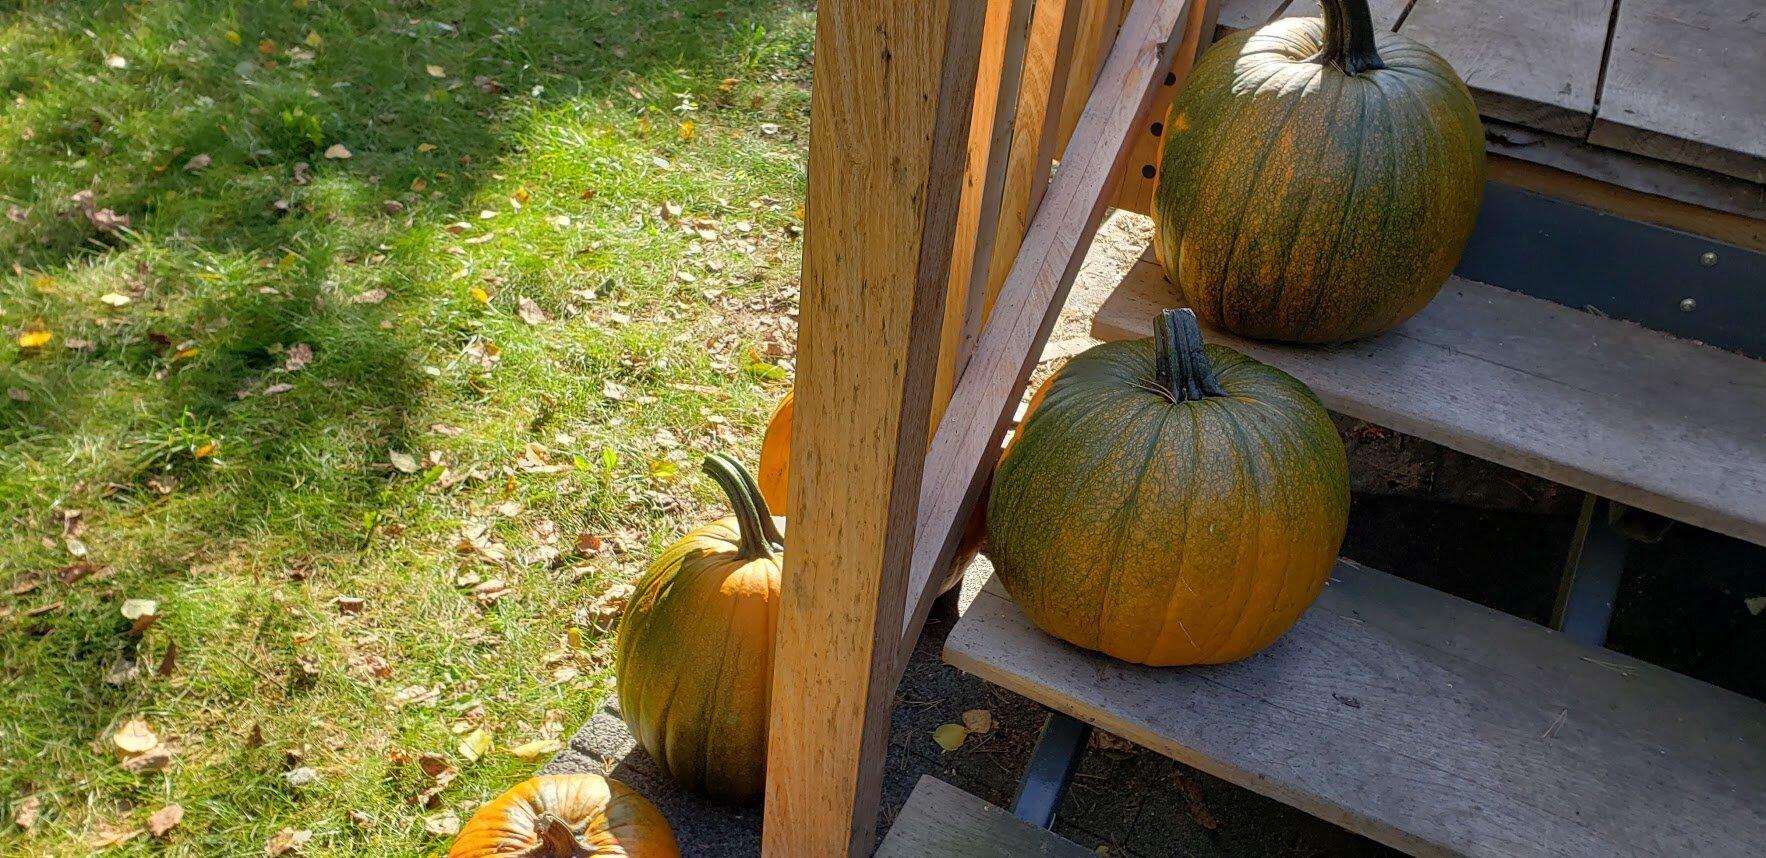 pumpkins 2019 2.jpg